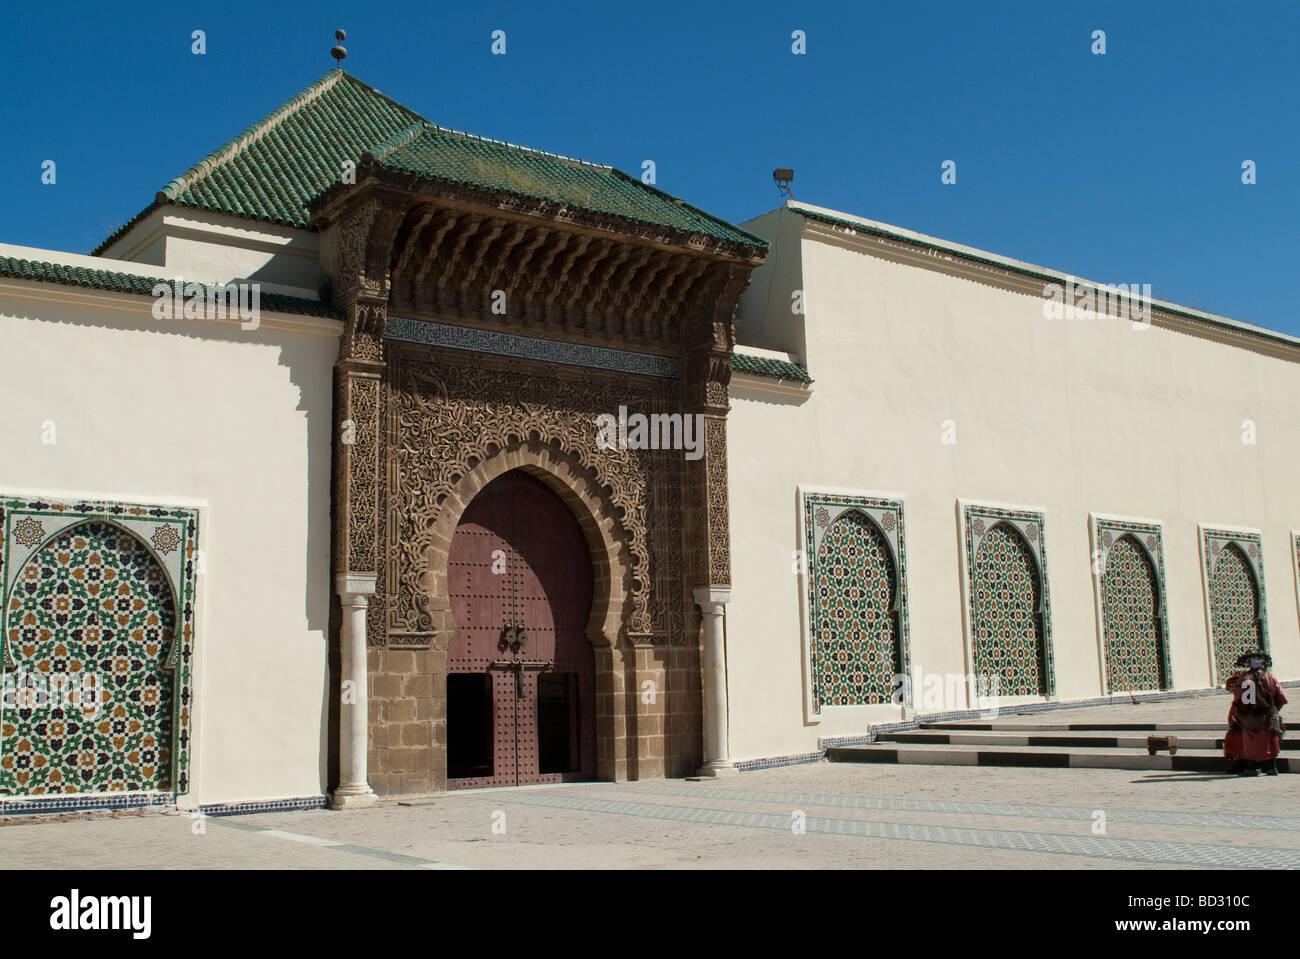 Fassade und Eingang Tor des Mausoleum von Moulay Ismail Meknes Marokko Stockfoto